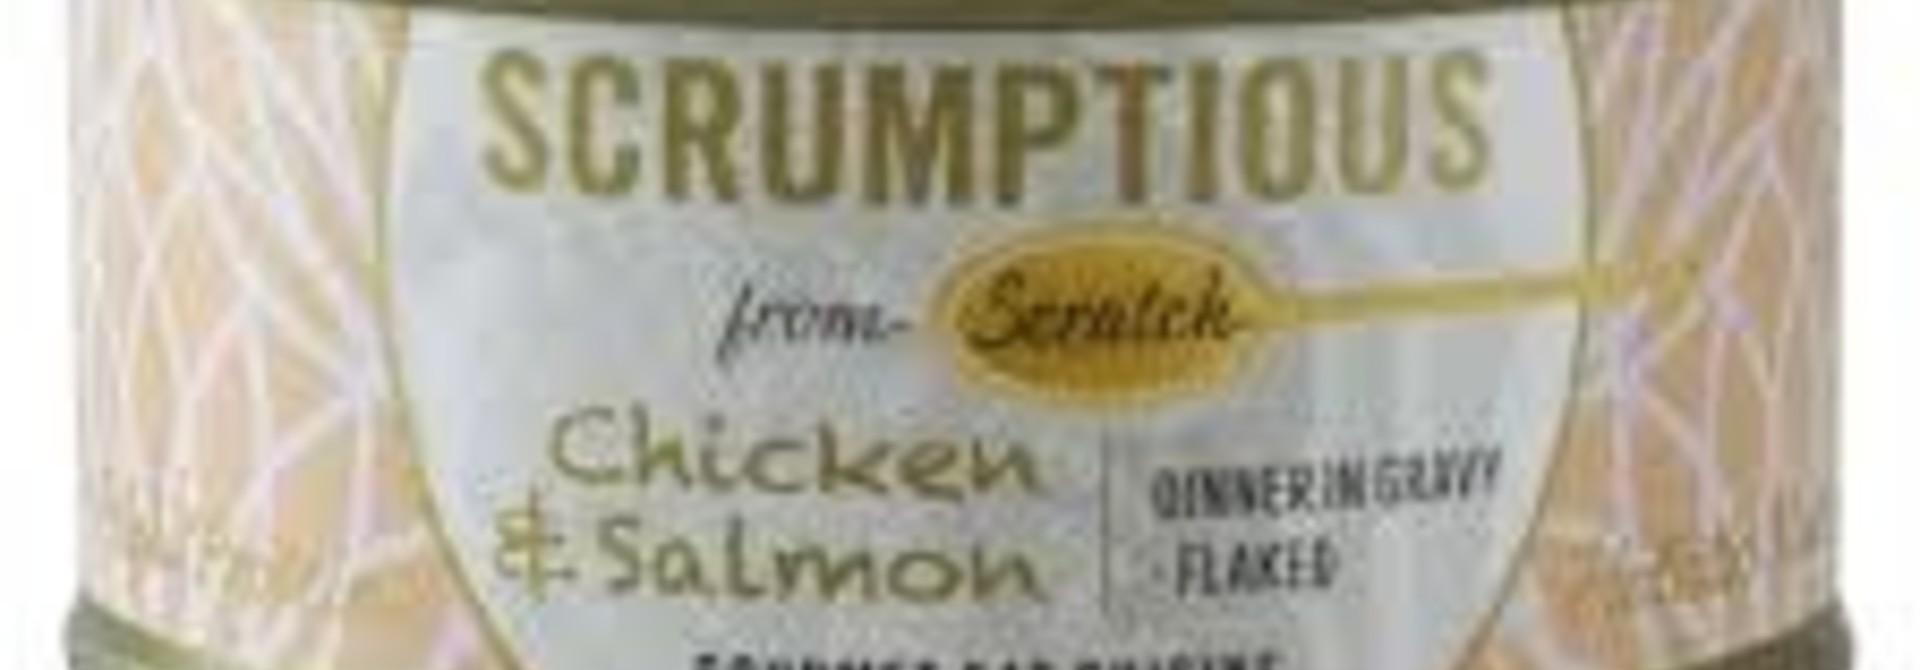 Scrumptious Cat Food-Chicken & Salmon 2.8OZ